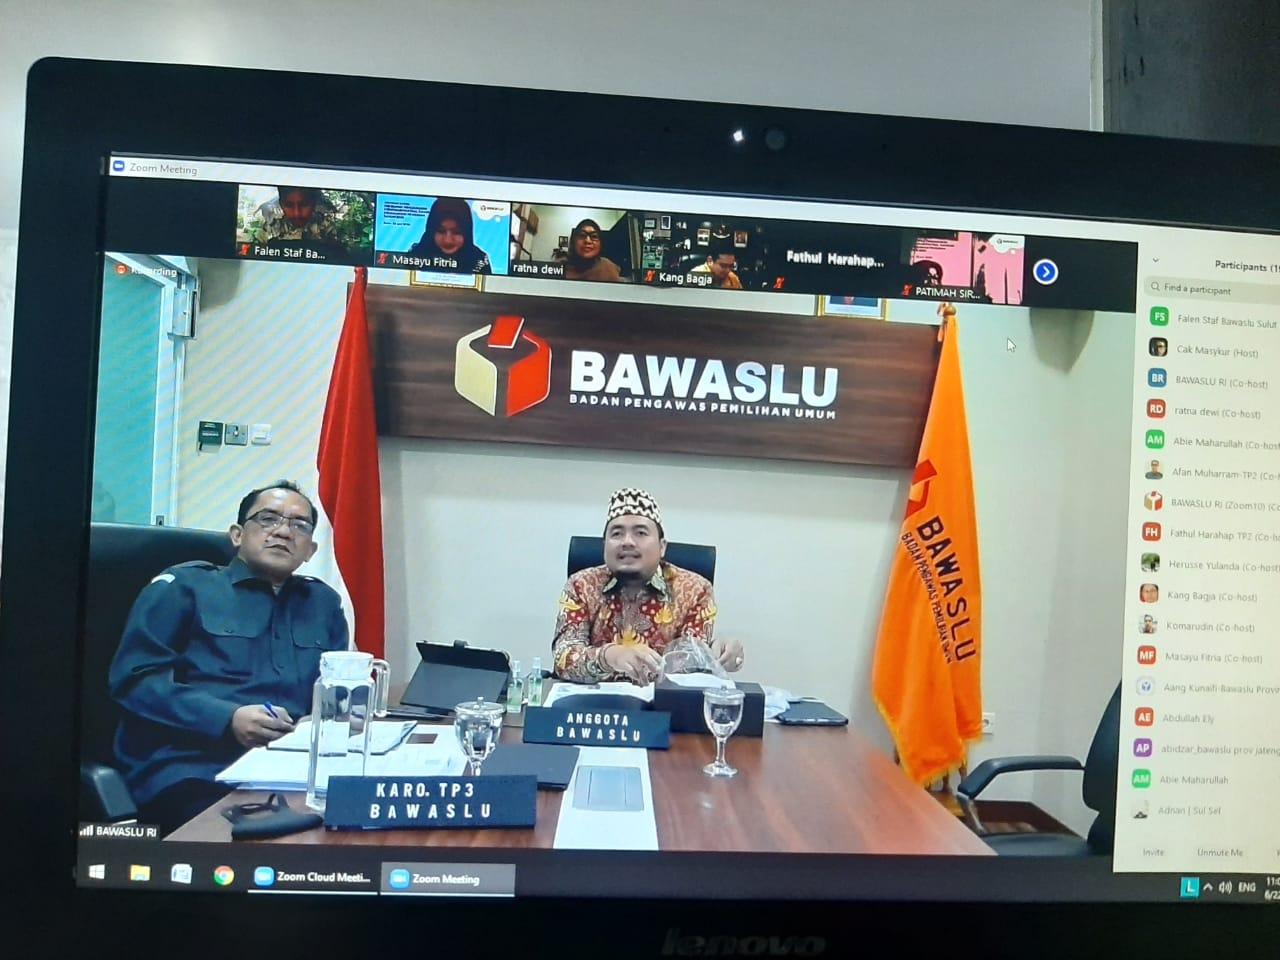 Afifuddin Sebut Protokol Covid-19 Menjadi Objek Pengawasan